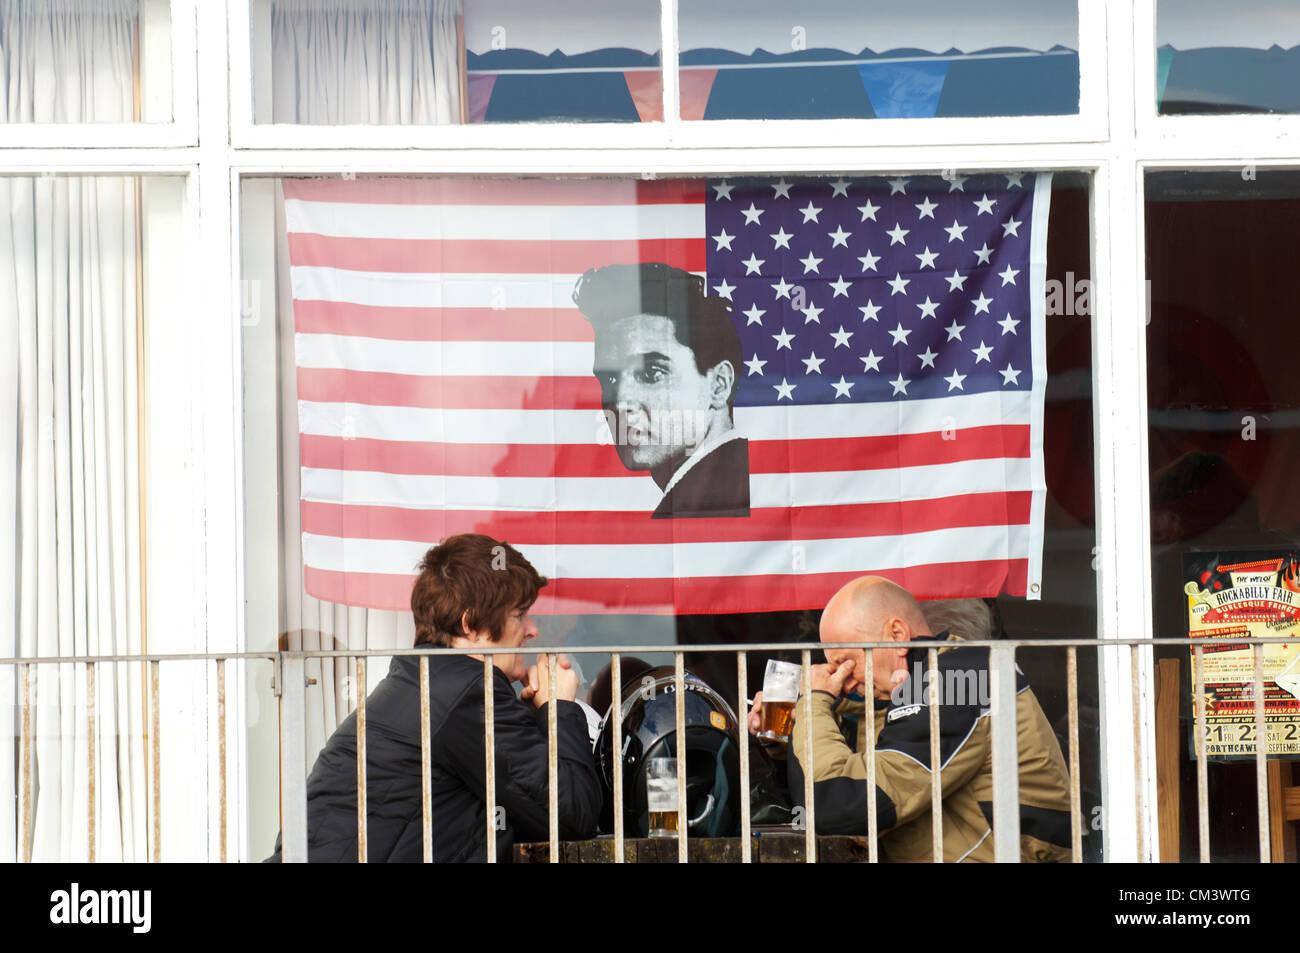 28 septembre 2012. Porthcawl, UK. Un ventilateur est las l'extérieur de la cabine Bar, Coney Beach. Des Photo Stock